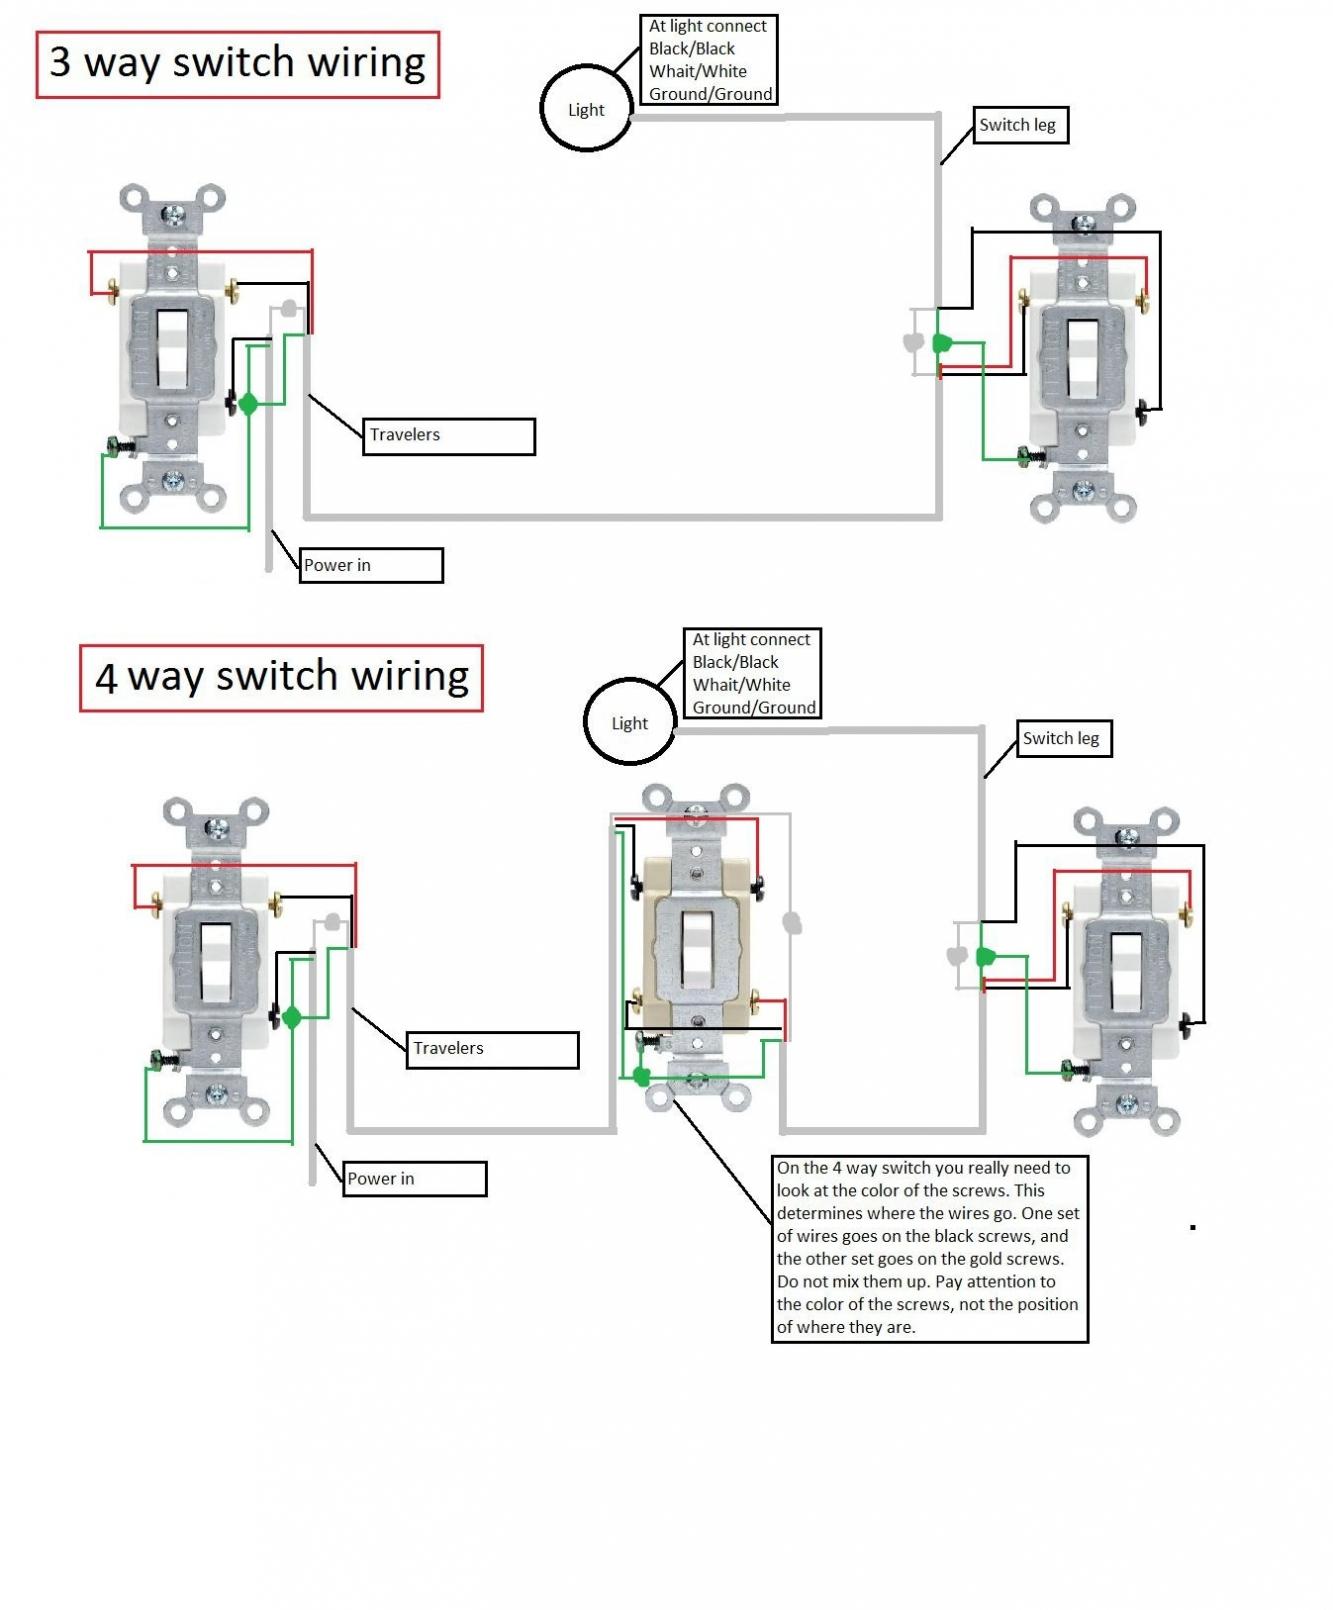 3 Way Light Switch Wiring Diagram Pdf | Wiring Diagram - 2 Way Switch Wiring Diagram Pdf